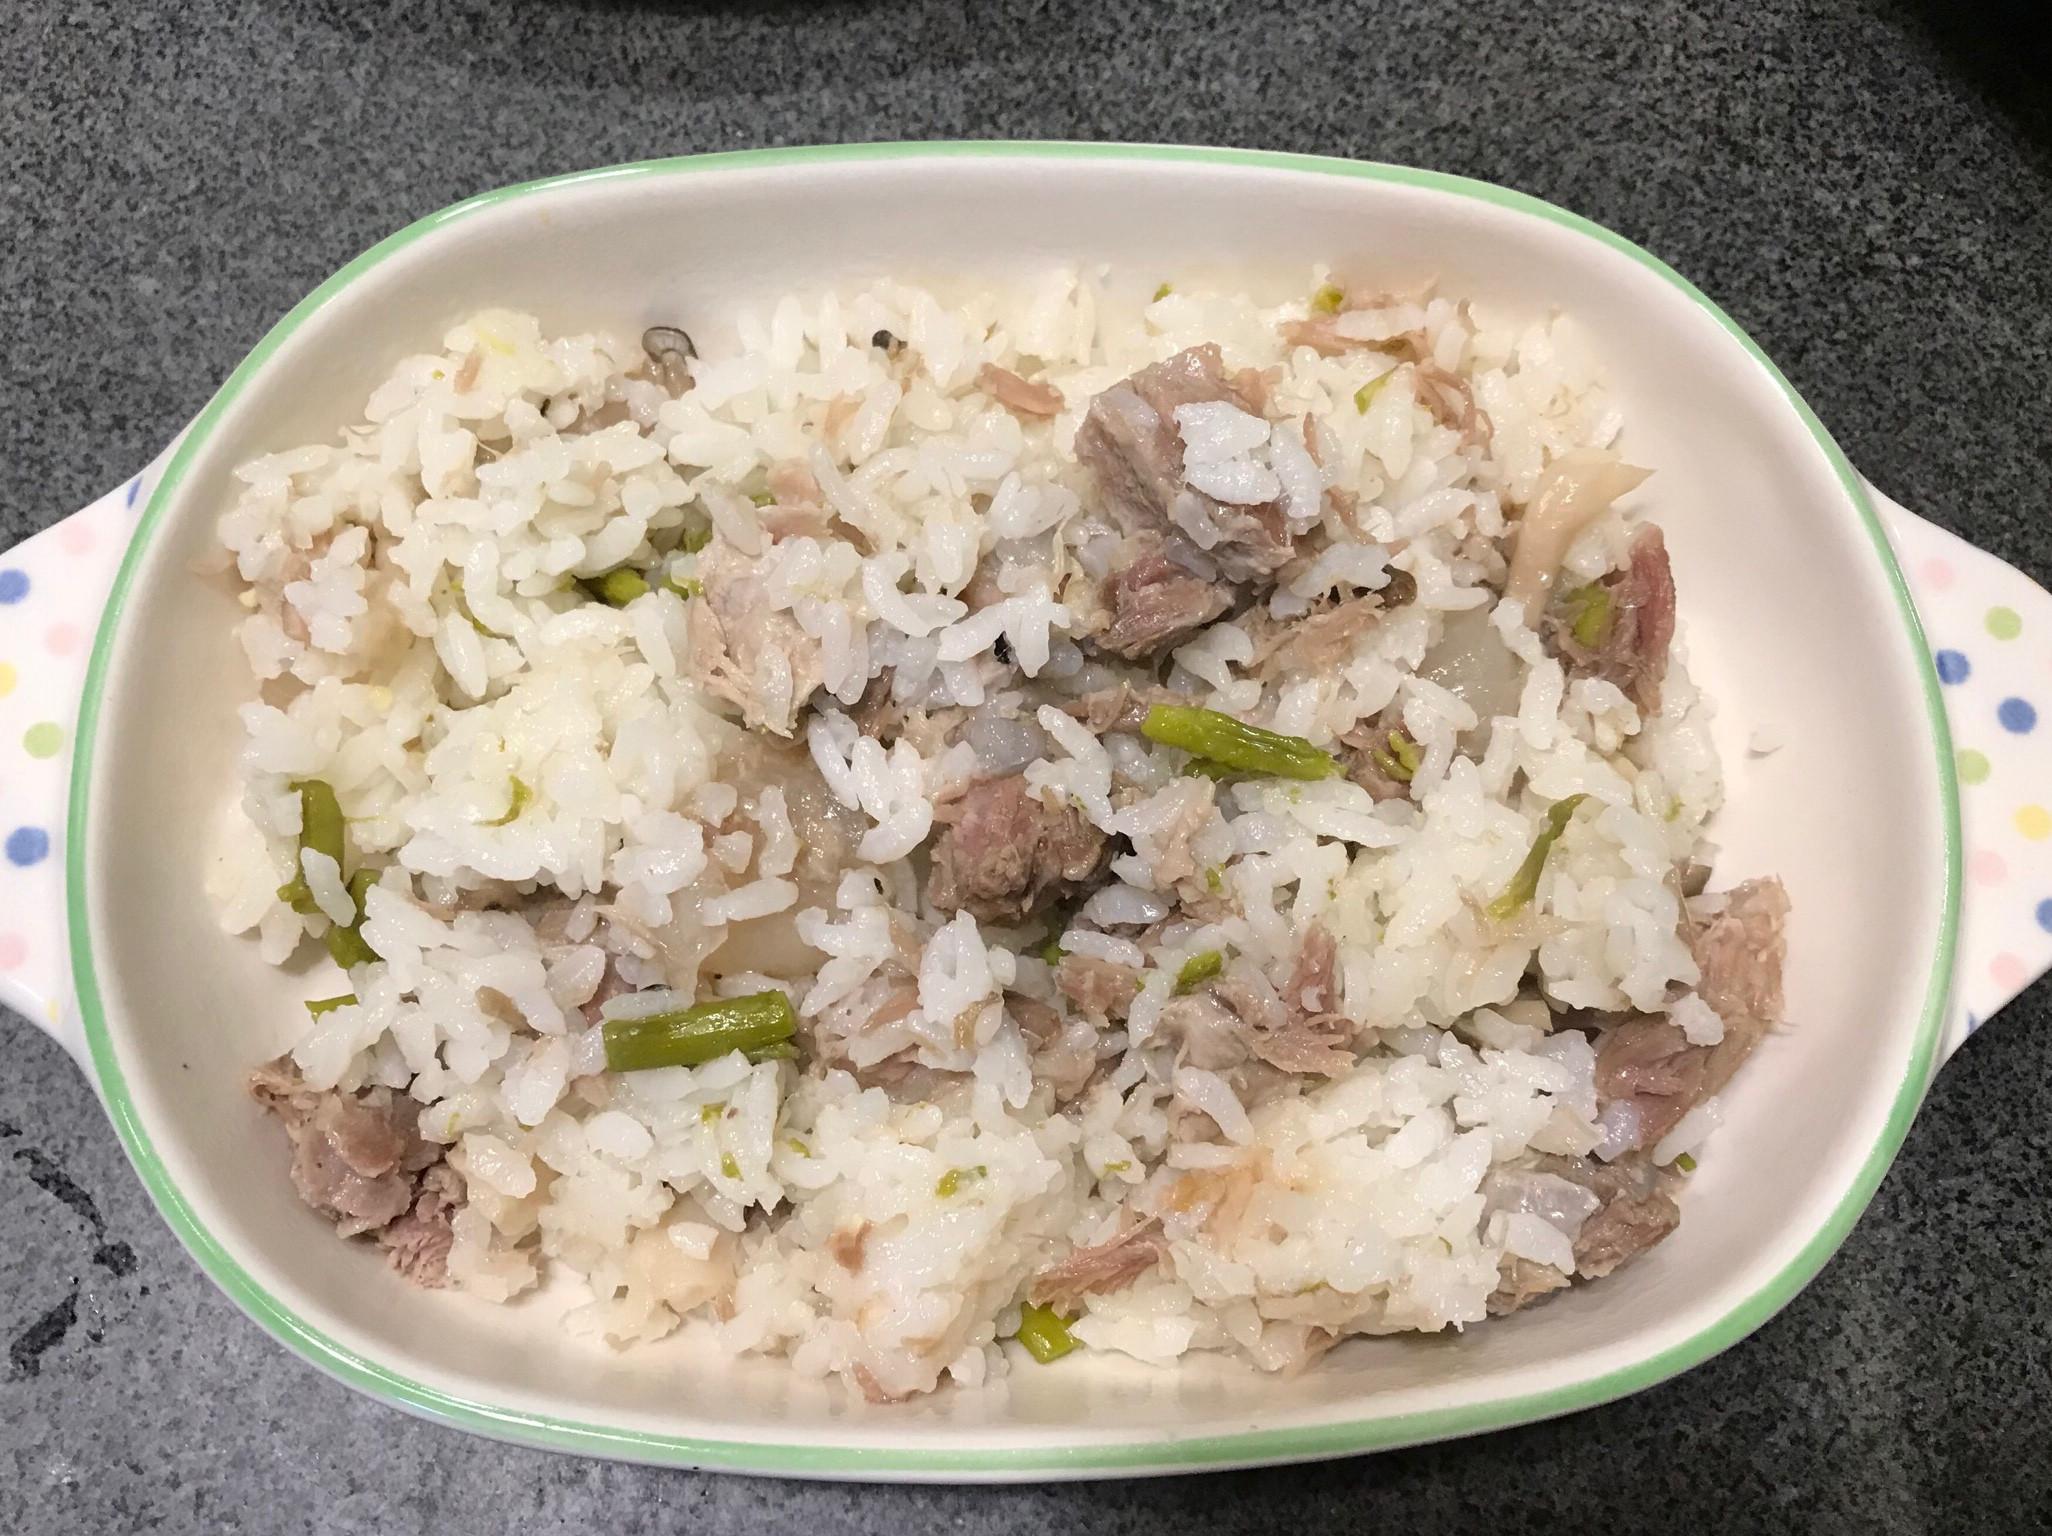 清燉軟骨蔬菜炊飯(新興四六一軟骨肉)